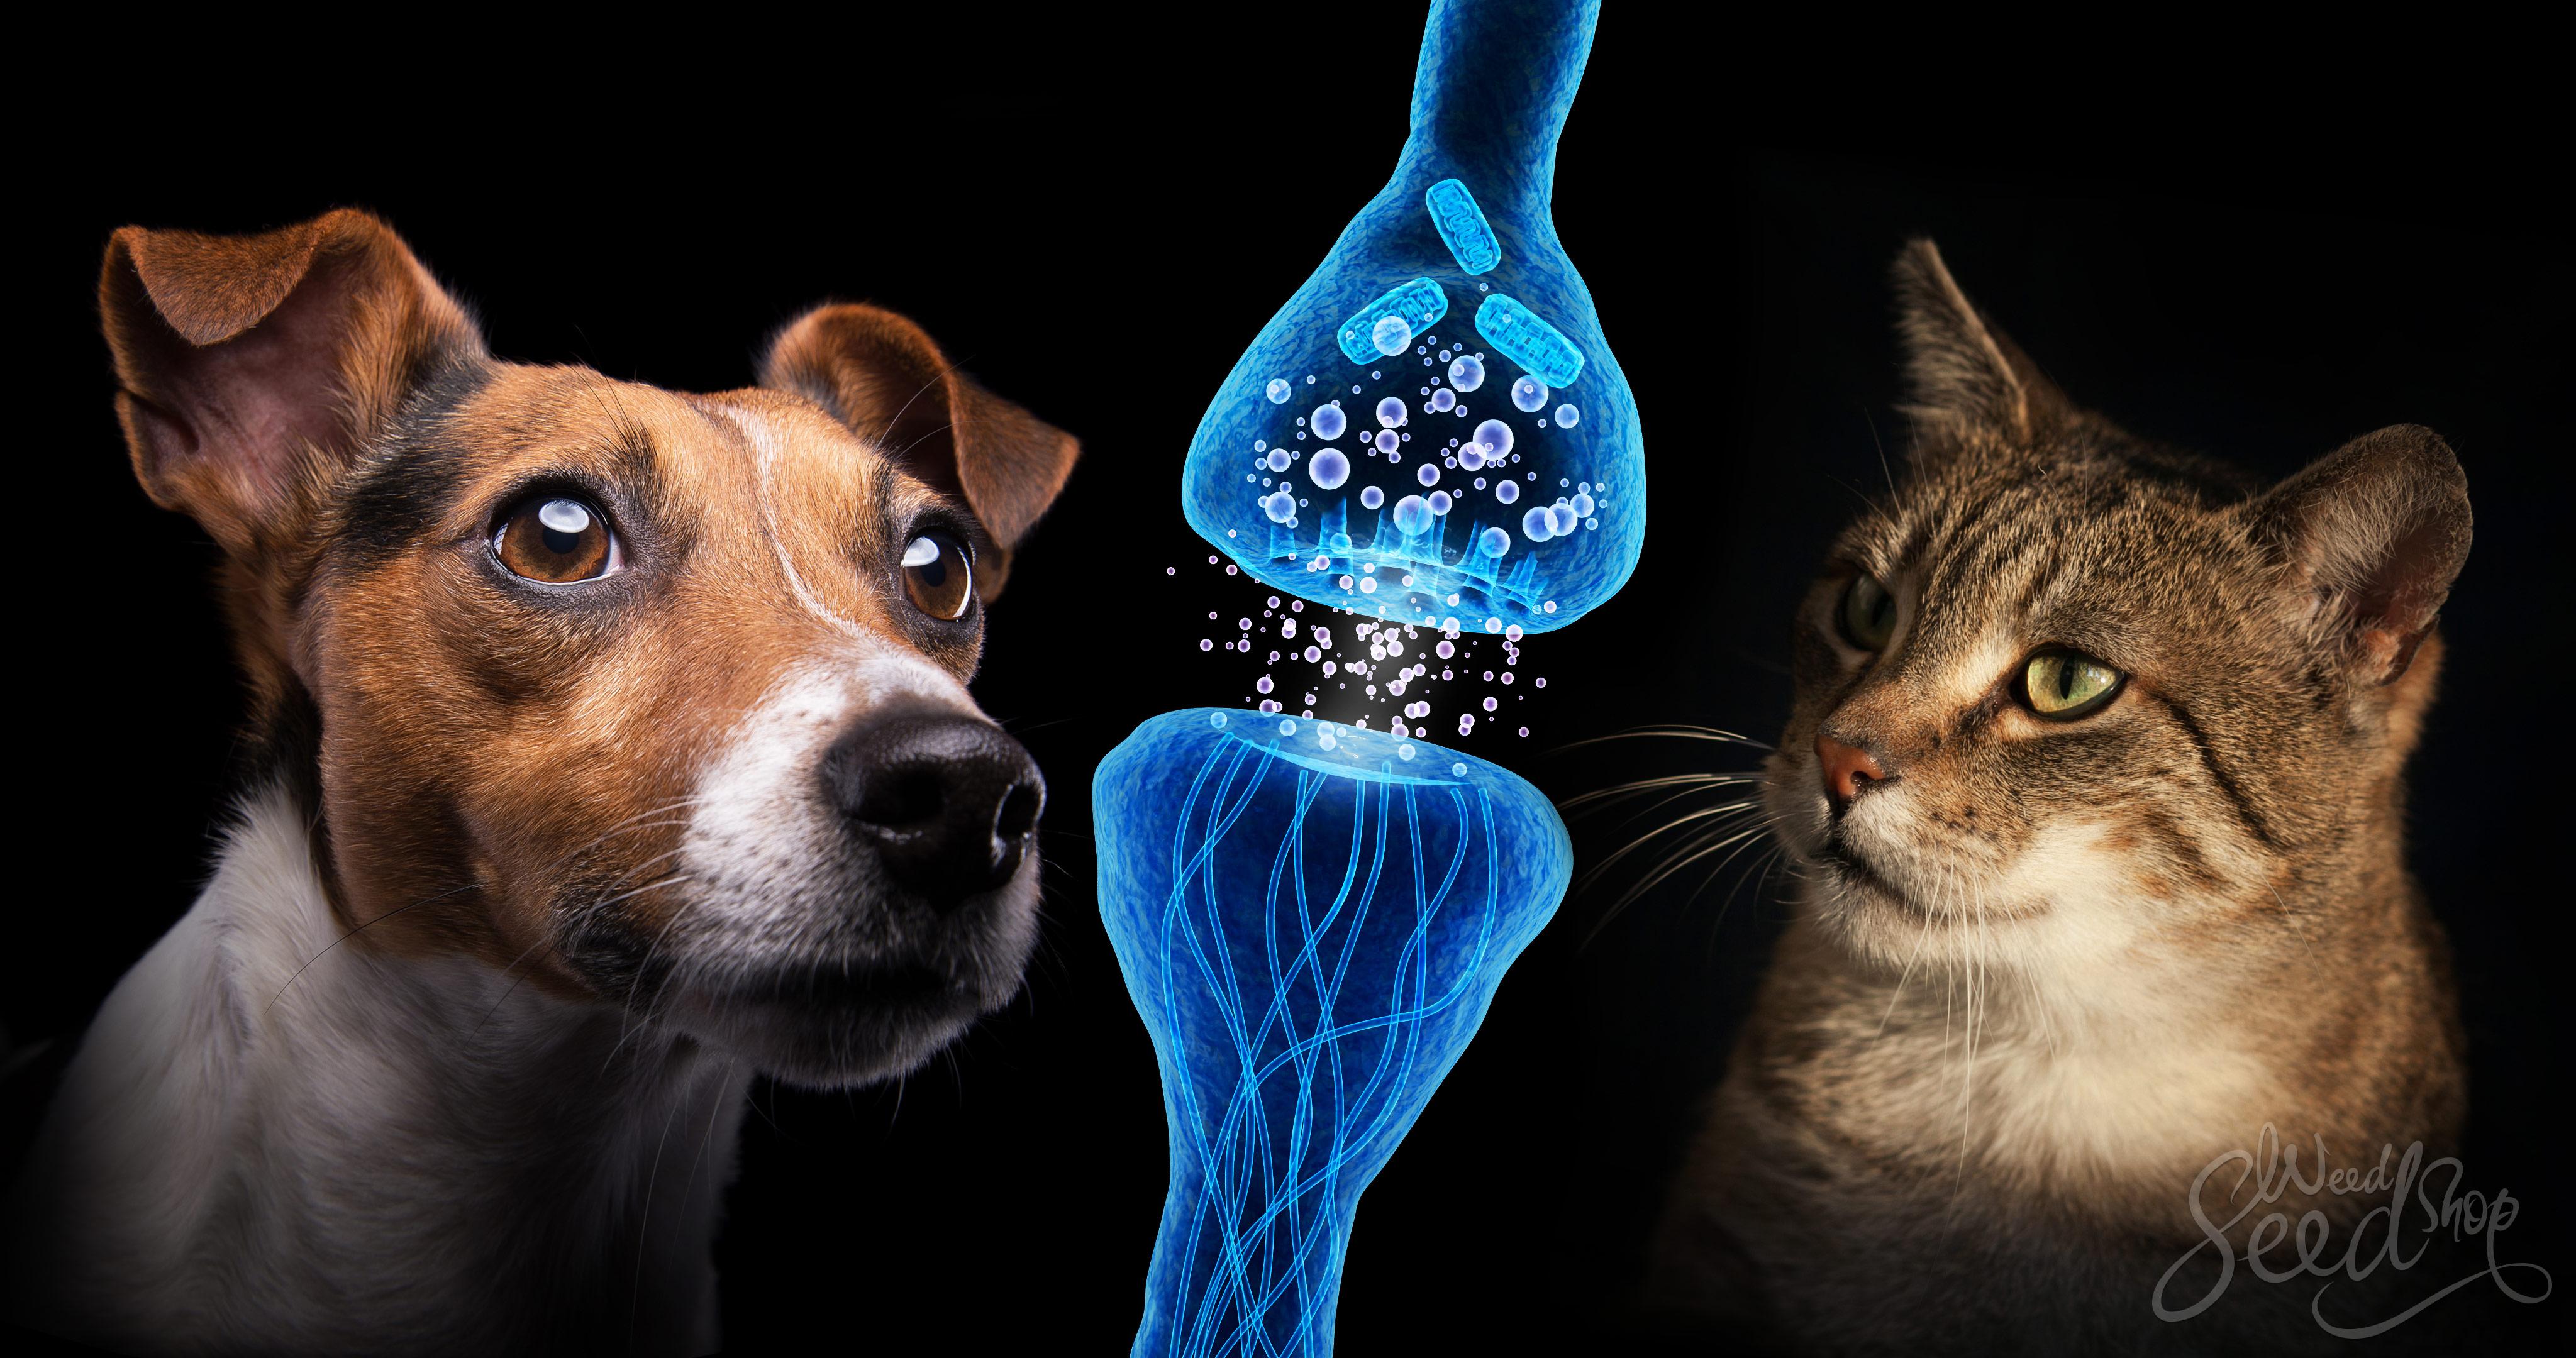 Le cannabis pour soulager les chats et les chiens - WeedSeedShop Blog